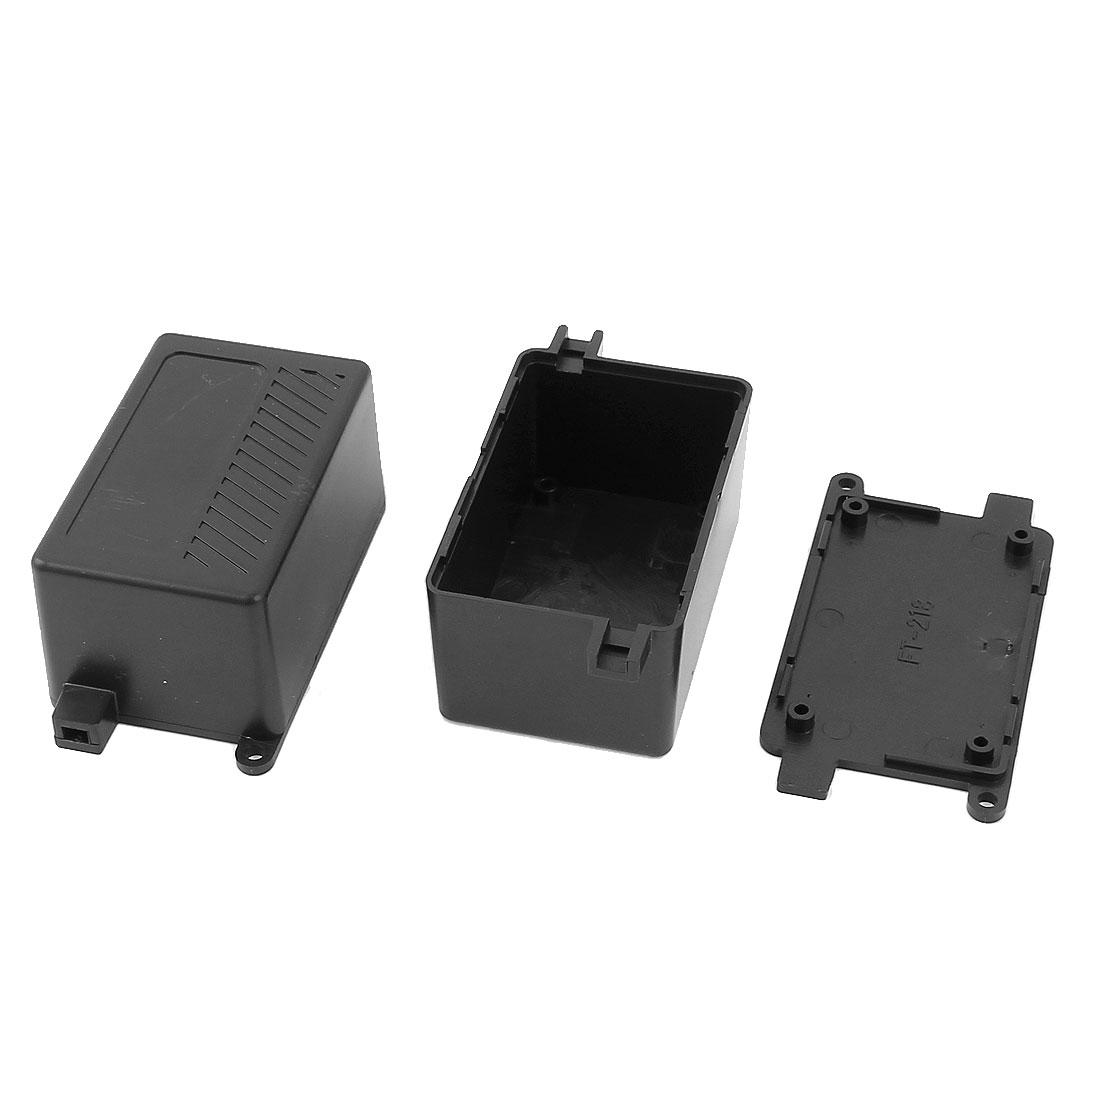 Electric Project Case Junction Box 68x43x36mm Black 2pcs